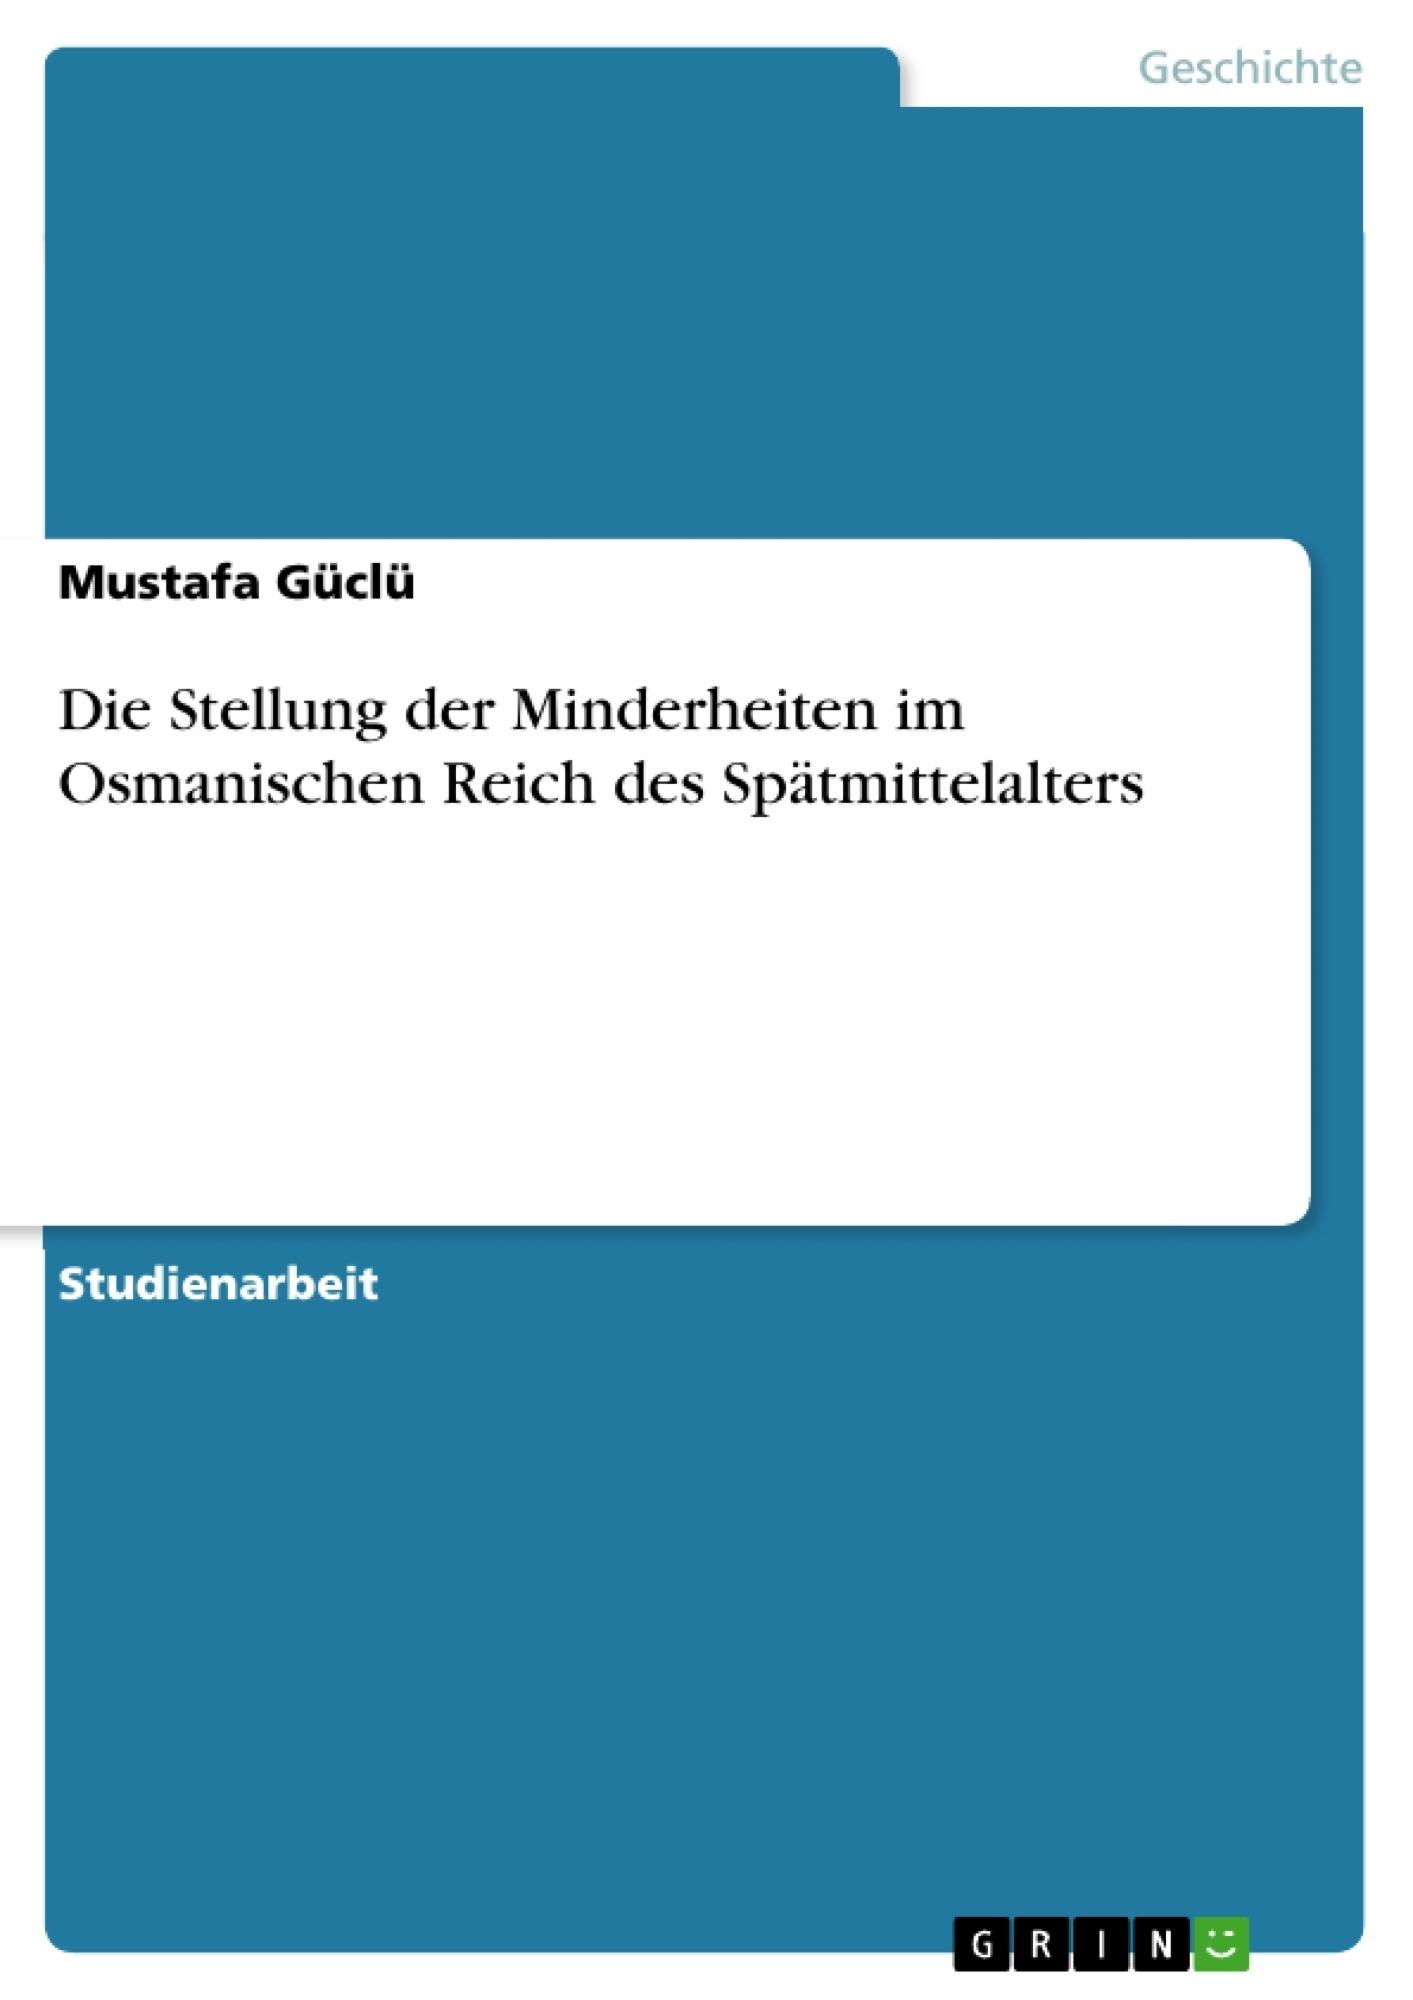 Titel: Die Stellung der Minderheiten im Osmanischen Reich des Spätmittelalters